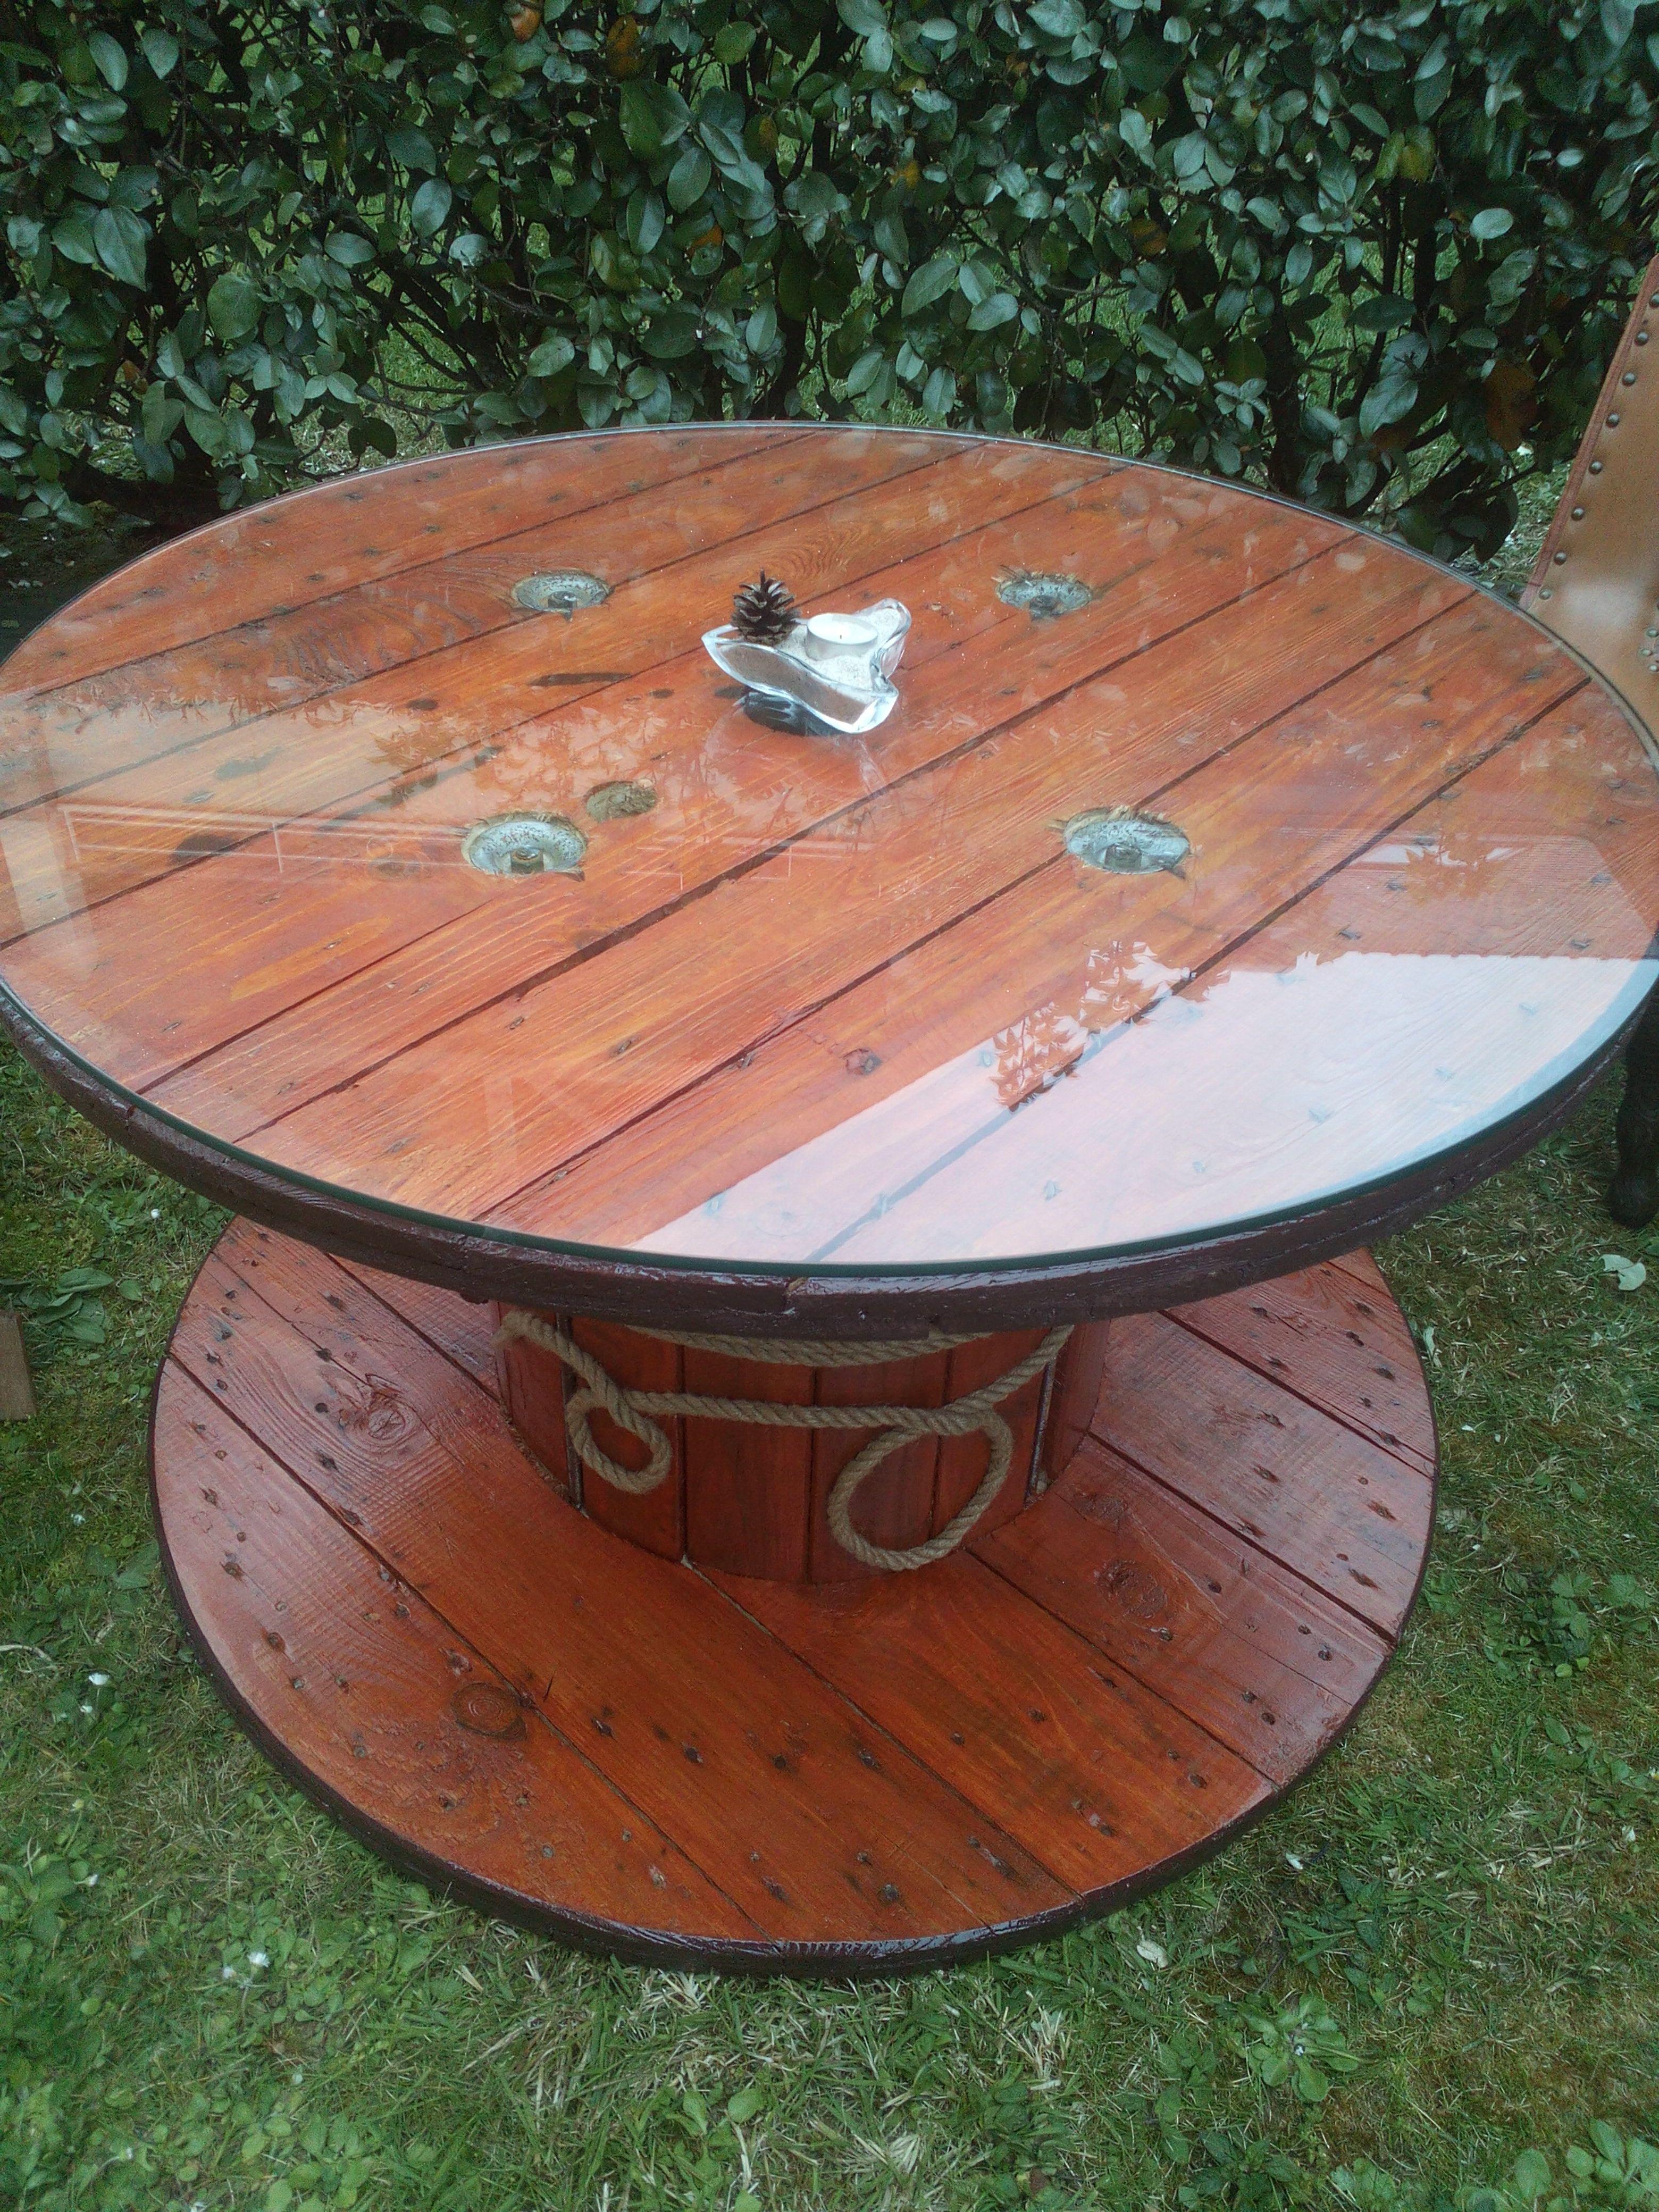 495b9854128555261f5d19a7627e0c7b Incroyable De Table Basse Ronde Avec Rangement Des Idées